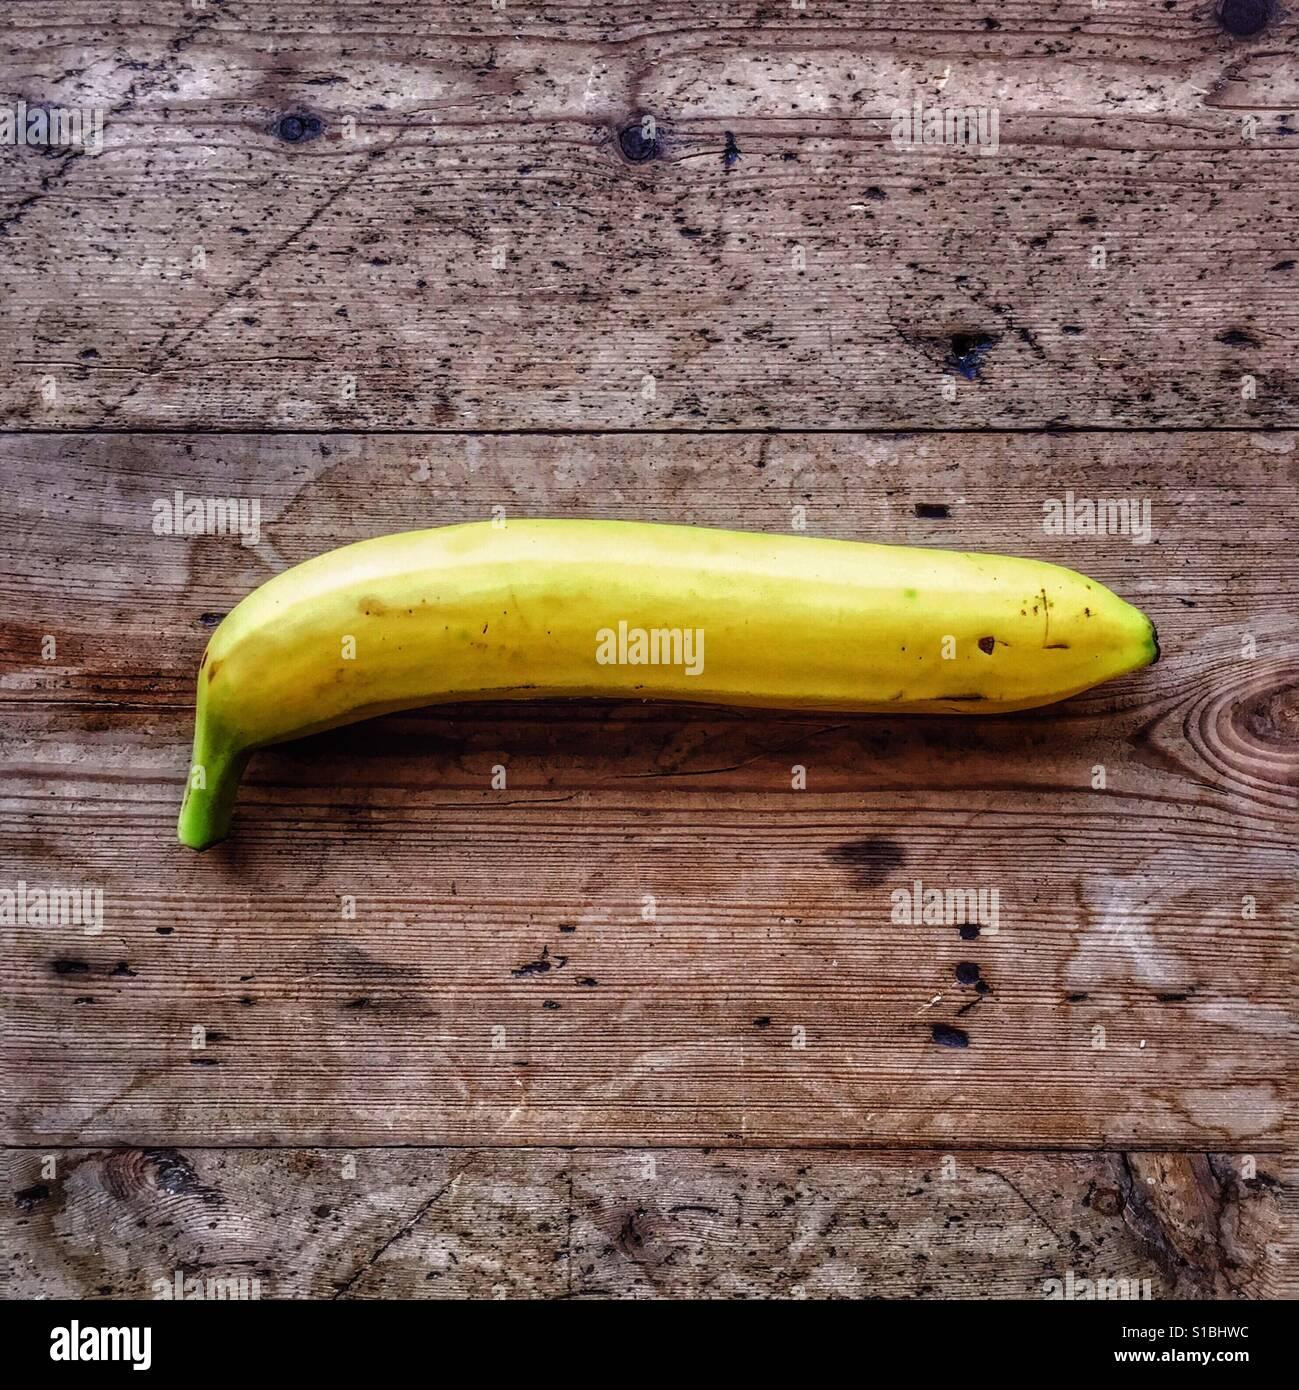 eine gerade banane ruht auf einer rustikalen holzoberfl che im nat rlichen tageslicht stockfoto. Black Bedroom Furniture Sets. Home Design Ideas